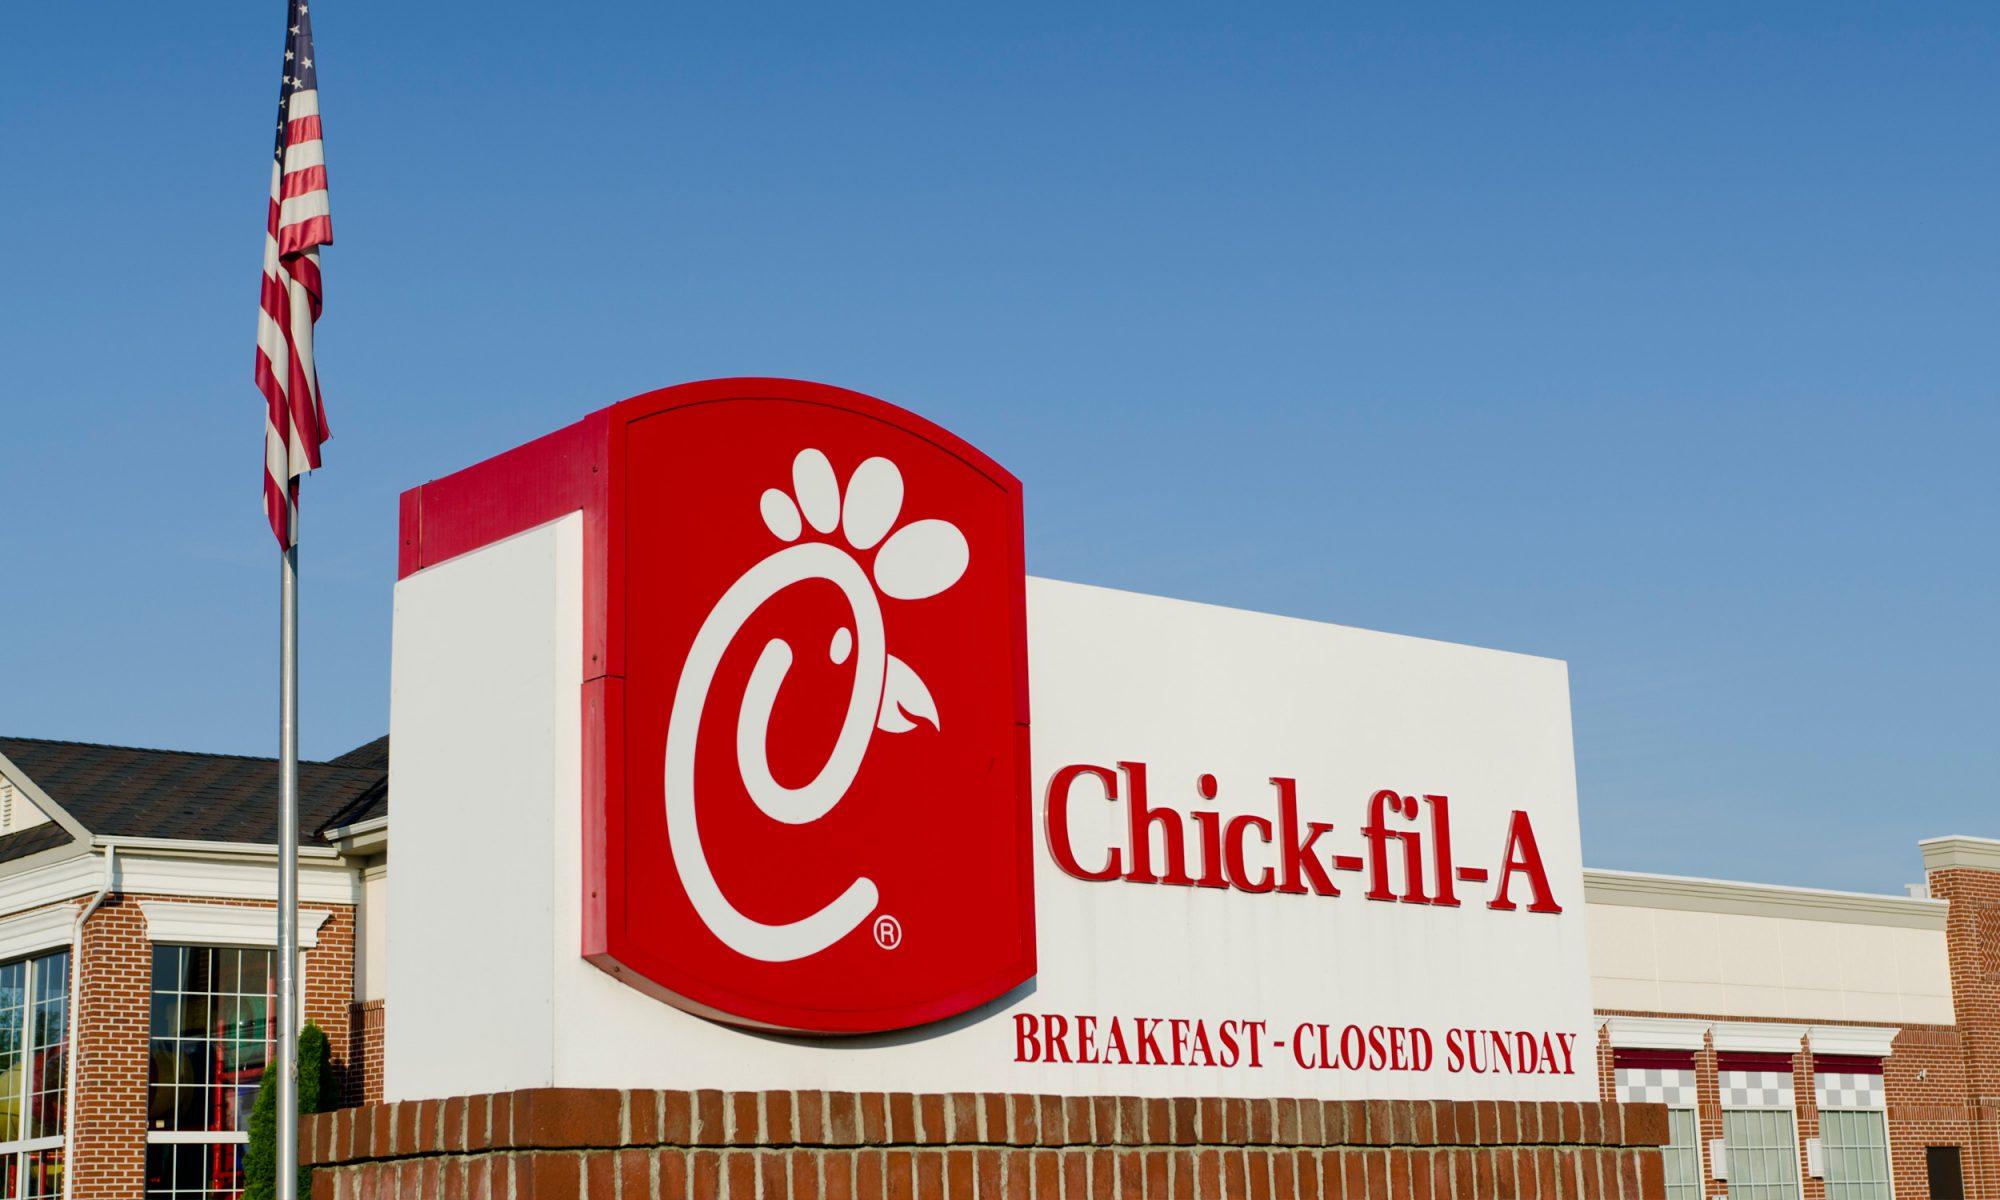 chick-fil-a breakfast